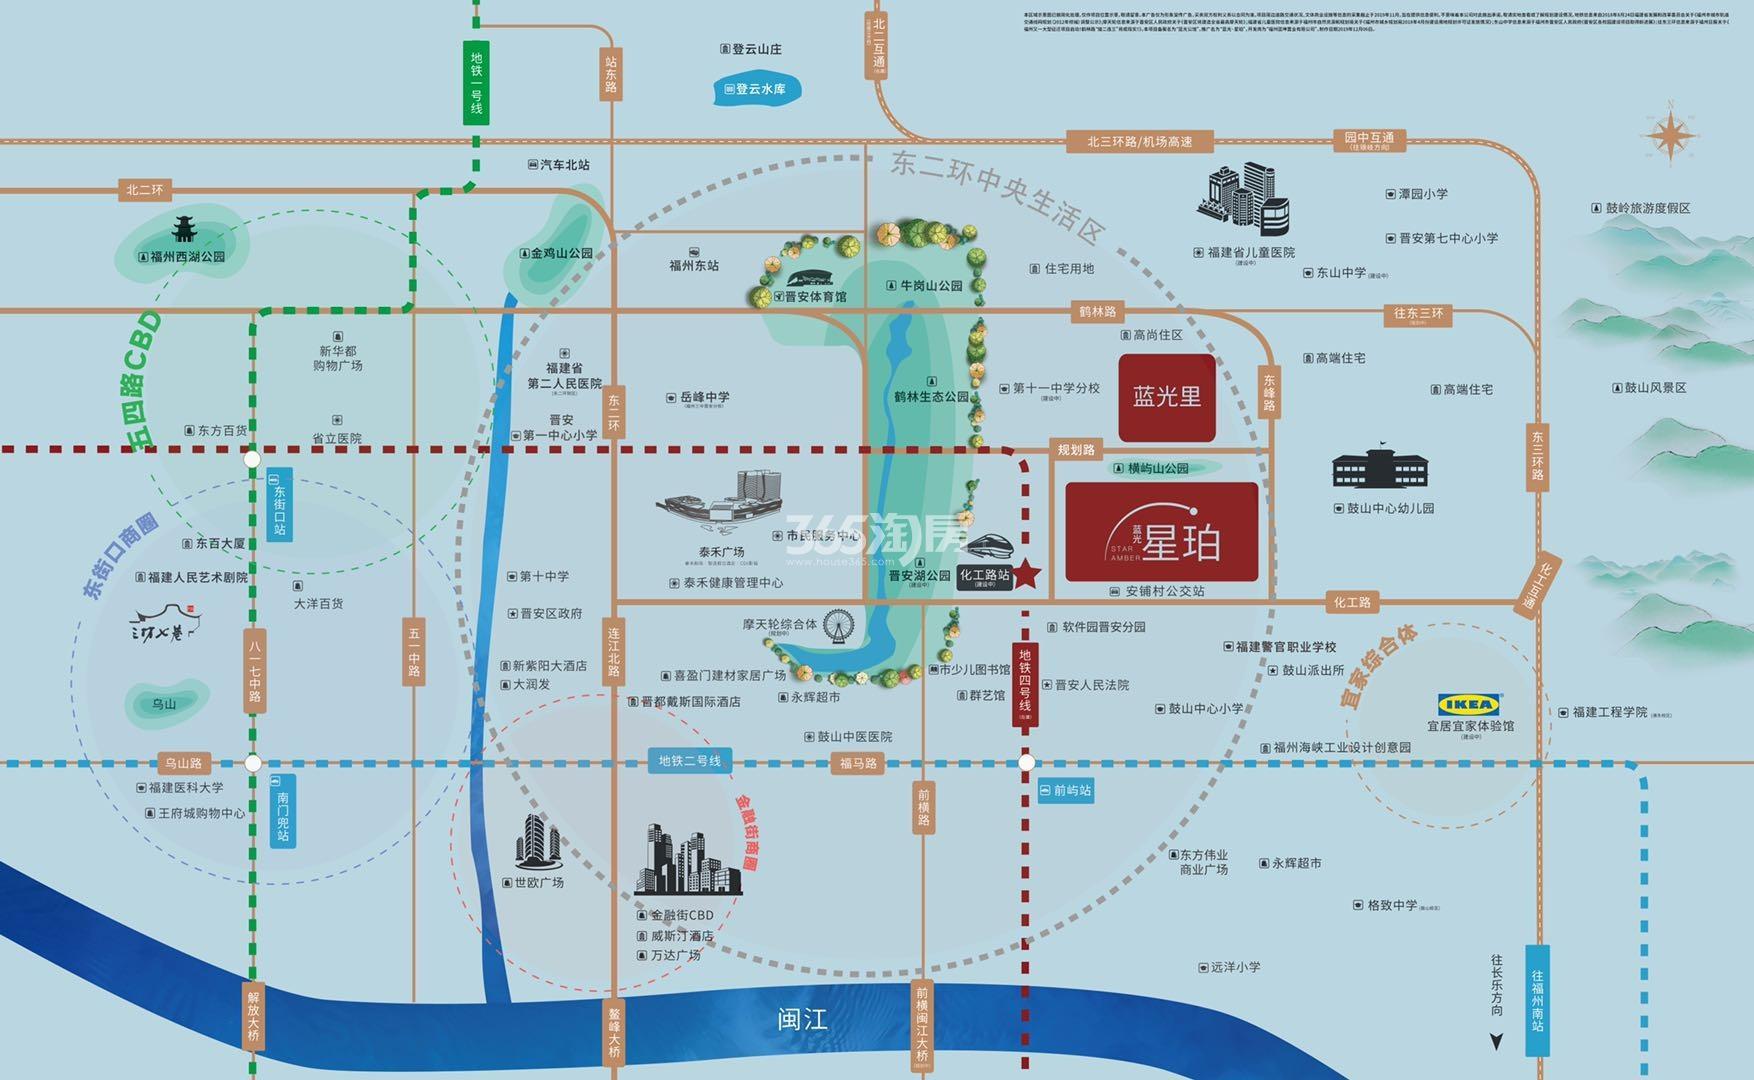 蓝光里交通图